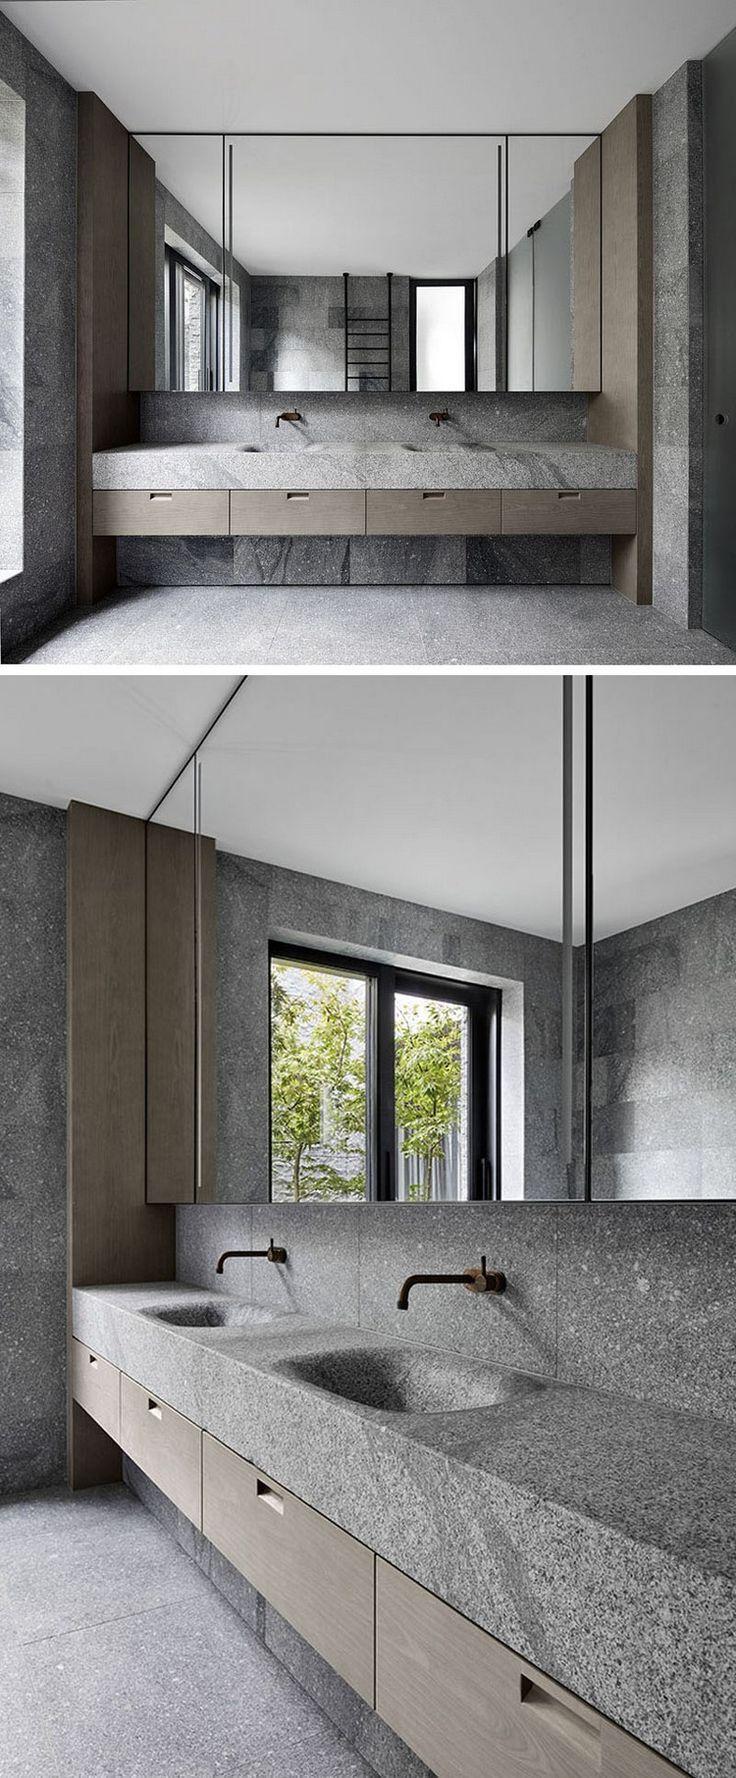 Granitplatten für Fassade und im Innenbereich – Ein minimalistisches Haus in Australien